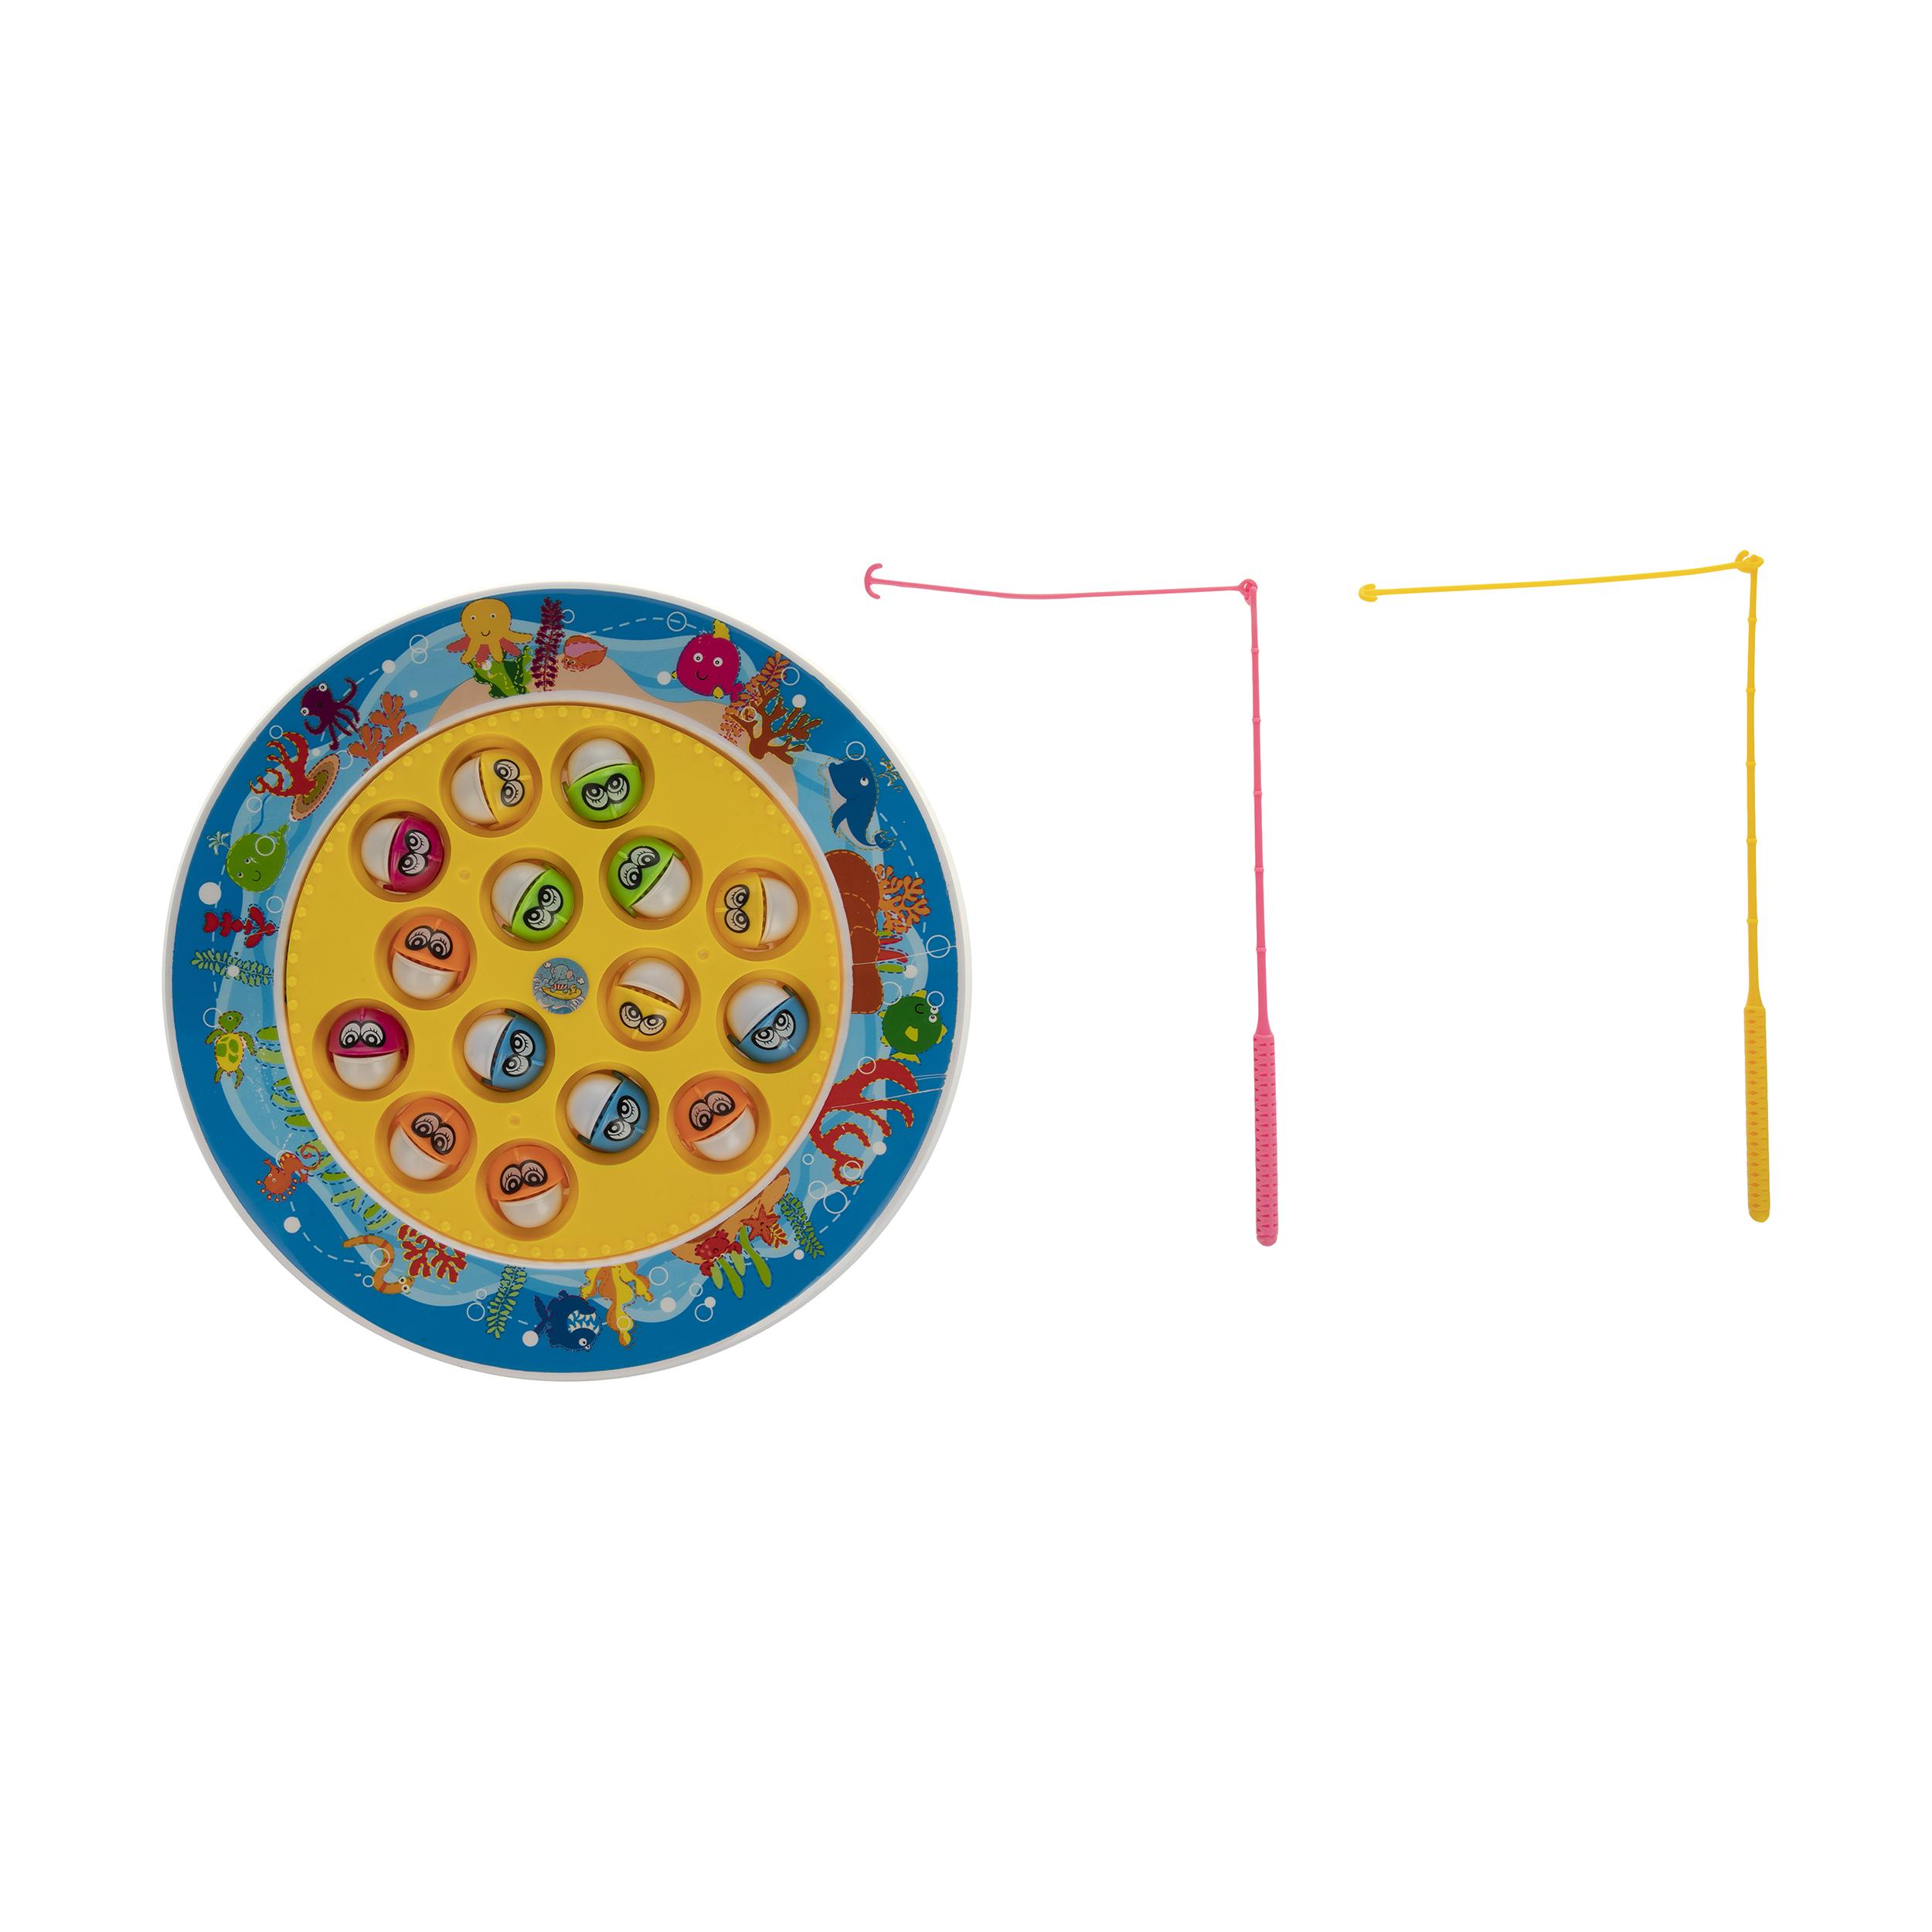 اسباب بازی ماهیگیری پازیله کد 20113